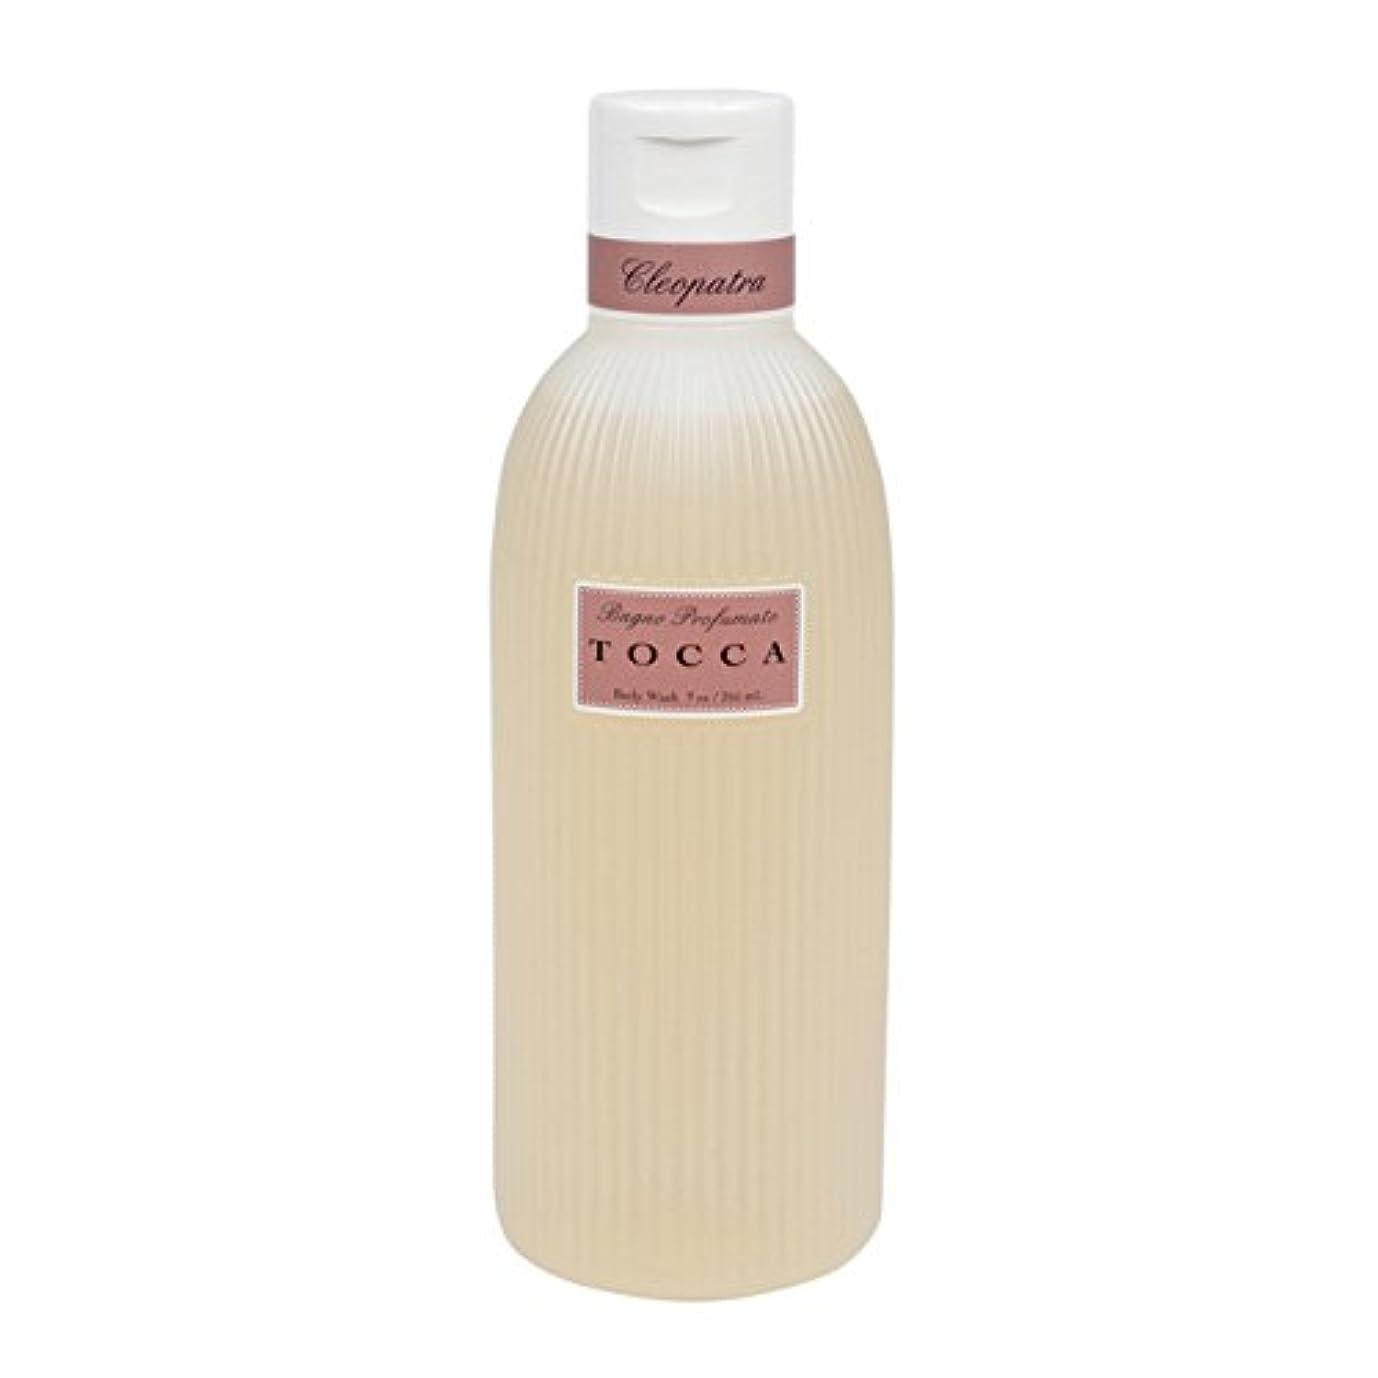 猛烈なデザイナーメディアトッカ(TOCCA) ボディーケアウォッシュ クレオパトラの香り 266ml(全身用洗浄料 ボディーソープ グレープフルーツとキューカンバーのフレッシュでクリーンな香り)